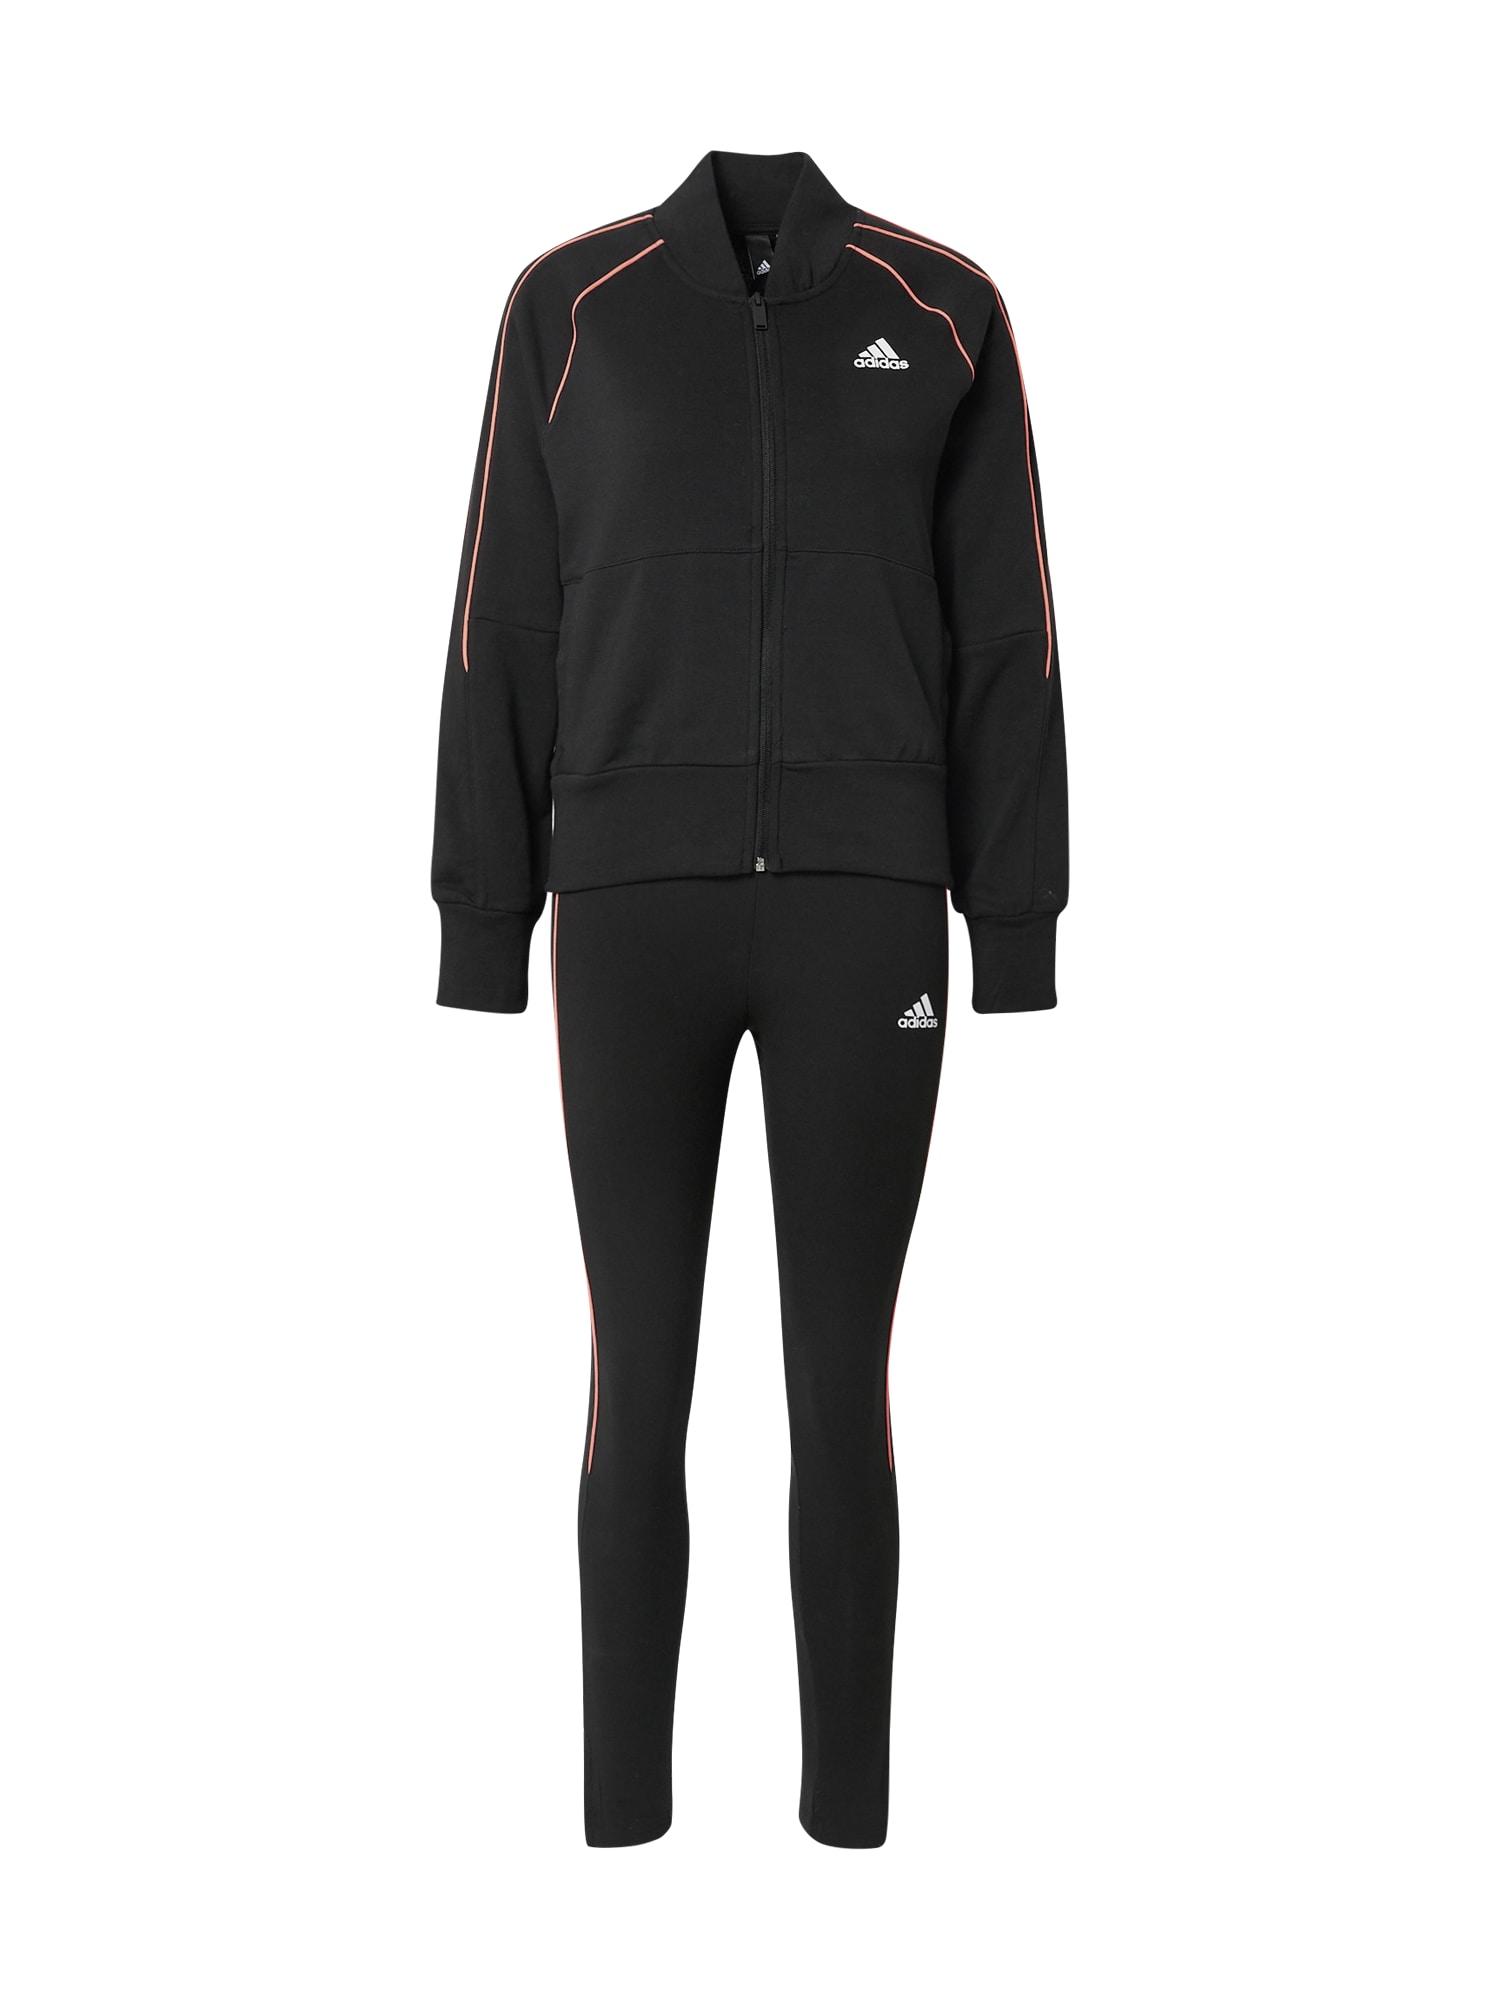 ADIDAS PERFORMANCE Treniruočių kostiumas balta / šviesiai raudona / juoda